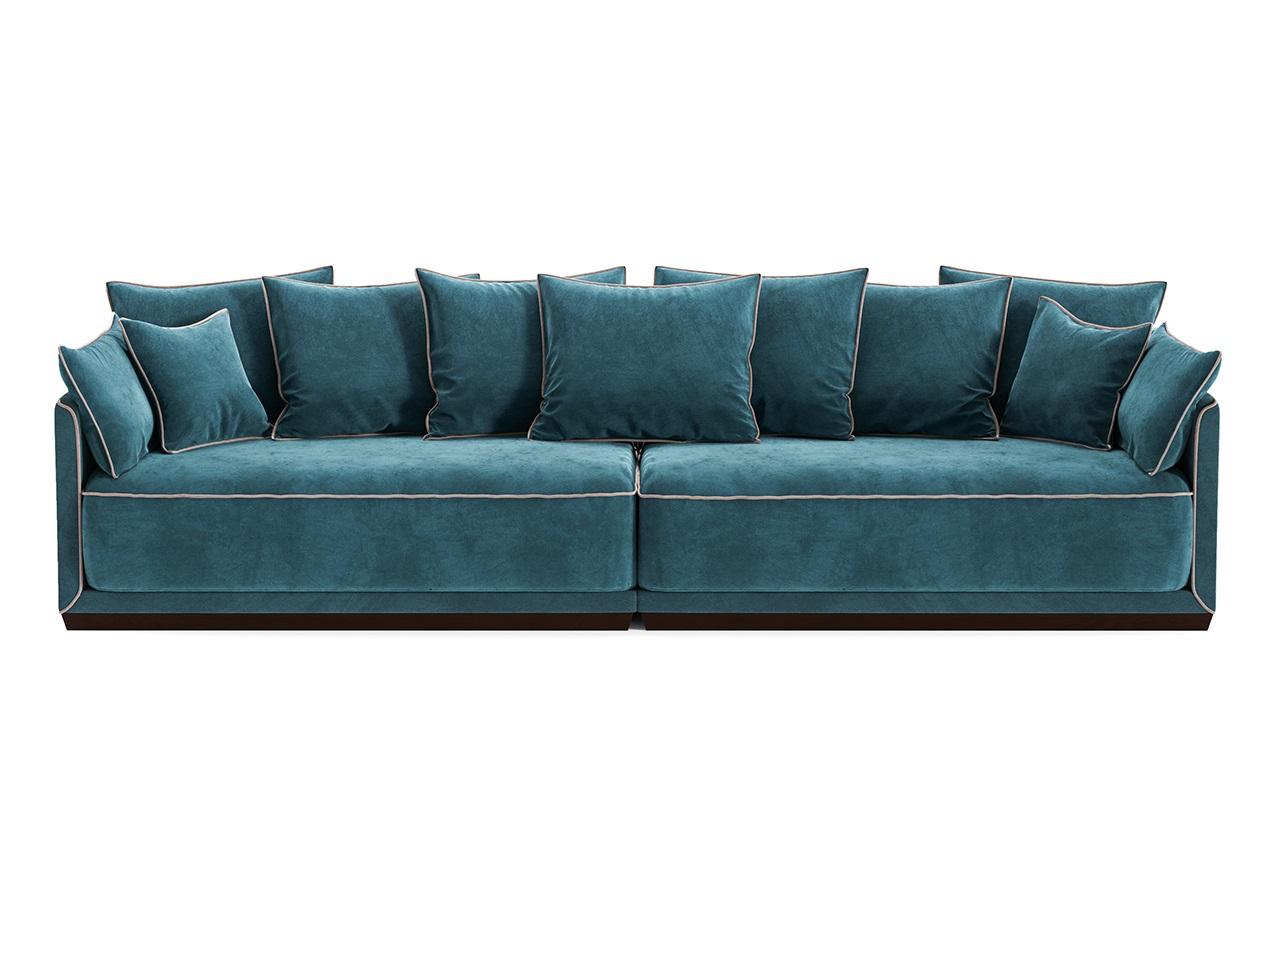 Диван SohoДиваны четырехместные и более<br>В коллекции модульных диванов SOHO гармонично сочетаются мягкие пуховые подушки, удобные и глубокие нижние подушки,основательный цоколь и прочный каркас из массива березы. Изюминкой коллекции стали декоративные канты, цвет которых можно выбрать наравне с основной отделкой диванов из палитры The IDEA. Дополняют образ плавные боковые линии каркаса.&amp;lt;div&amp;gt;&amp;lt;br&amp;gt;&amp;lt;/div&amp;gt;&amp;lt;div&amp;gt;&amp;lt;div&amp;gt;Цвет: береза Венге, ткань категория 2. микровелюр 33+53.&amp;lt;/div&amp;gt;&amp;lt;div&amp;gt;Цвет канта можно выбрать из палитры тканей Категории 2&amp;lt;br&amp;gt;&amp;lt;/div&amp;gt;&amp;lt;div&amp;gt;Материал: массив березы, фанера, обивка - ткань, прорезиненный пенополиуретан, холлофайбер, пух-перо.&amp;lt;/div&amp;gt;&amp;lt;/div&amp;gt;<br><br>Material: Текстиль<br>Ширина см: 308<br>Высота см: 92<br>Глубина см: 94